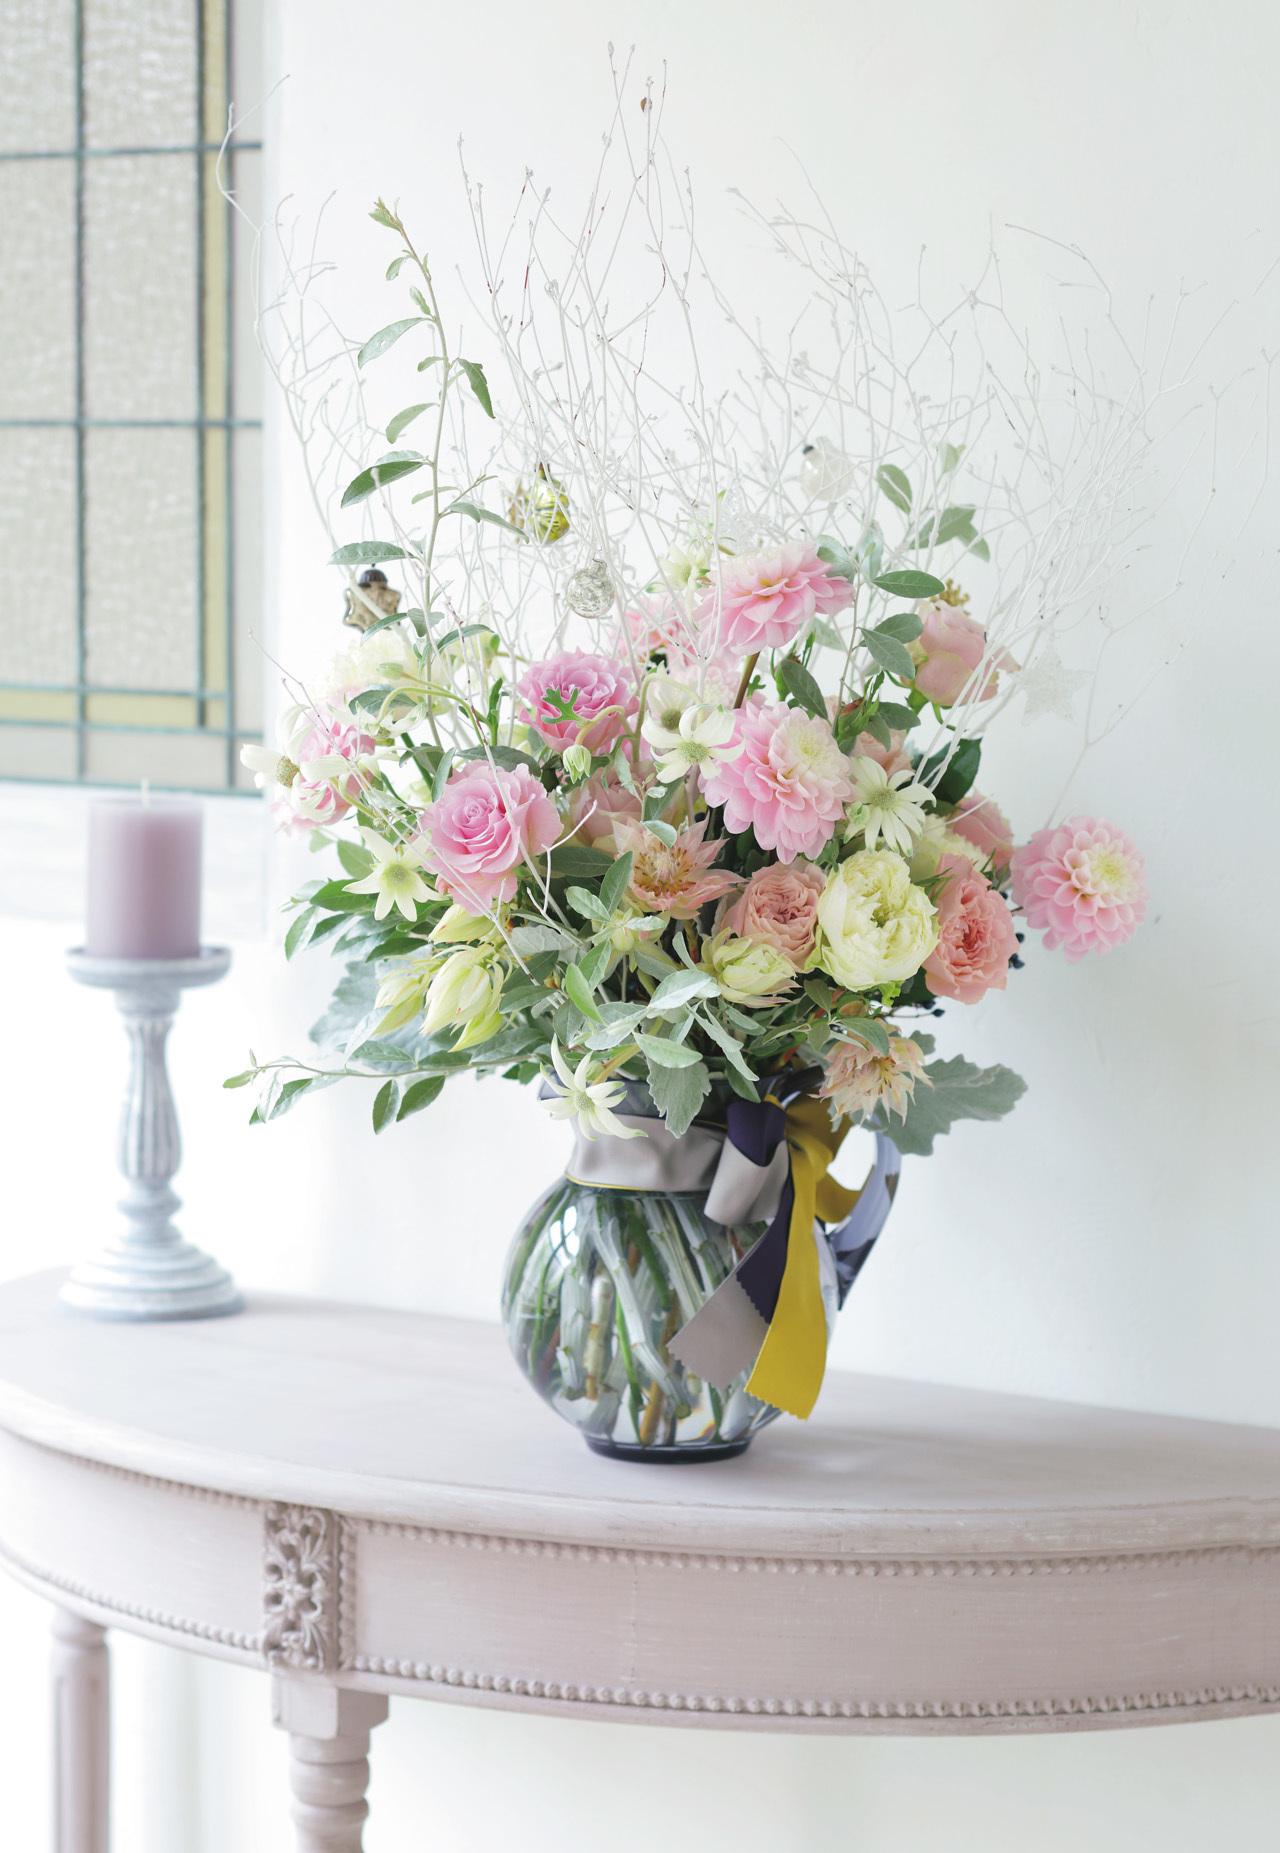 集う日の空間を豊かに彩る お出迎えの花、 くつろぎの花、贈る花五選_1_1